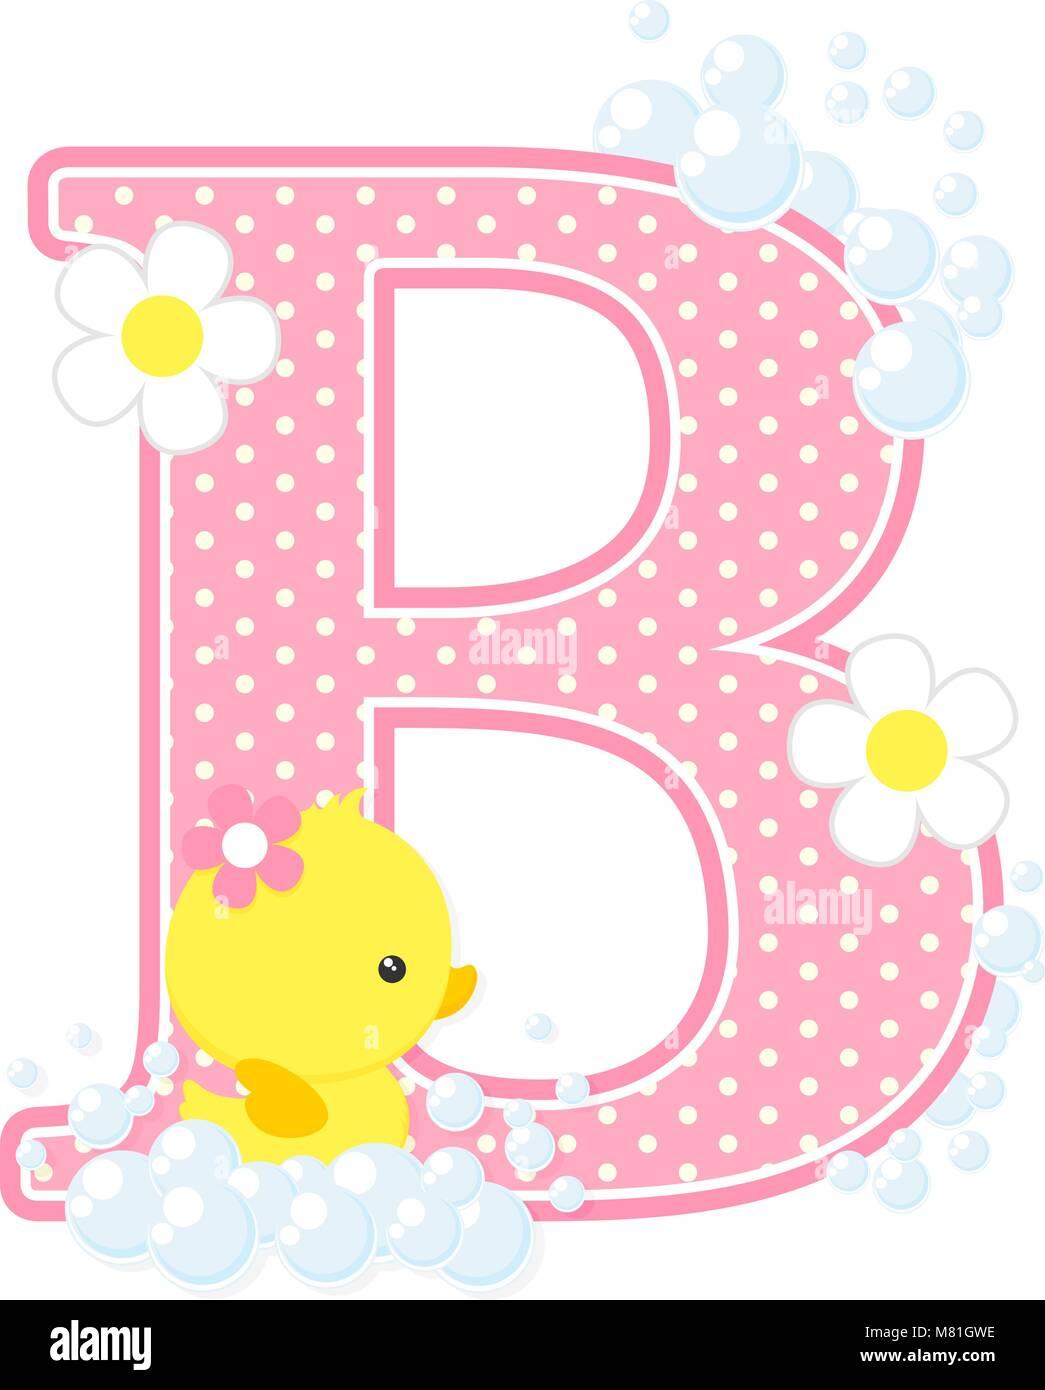 Letter B Vectors Stock Photos & Letter B Vectors Stock Images - Alamy